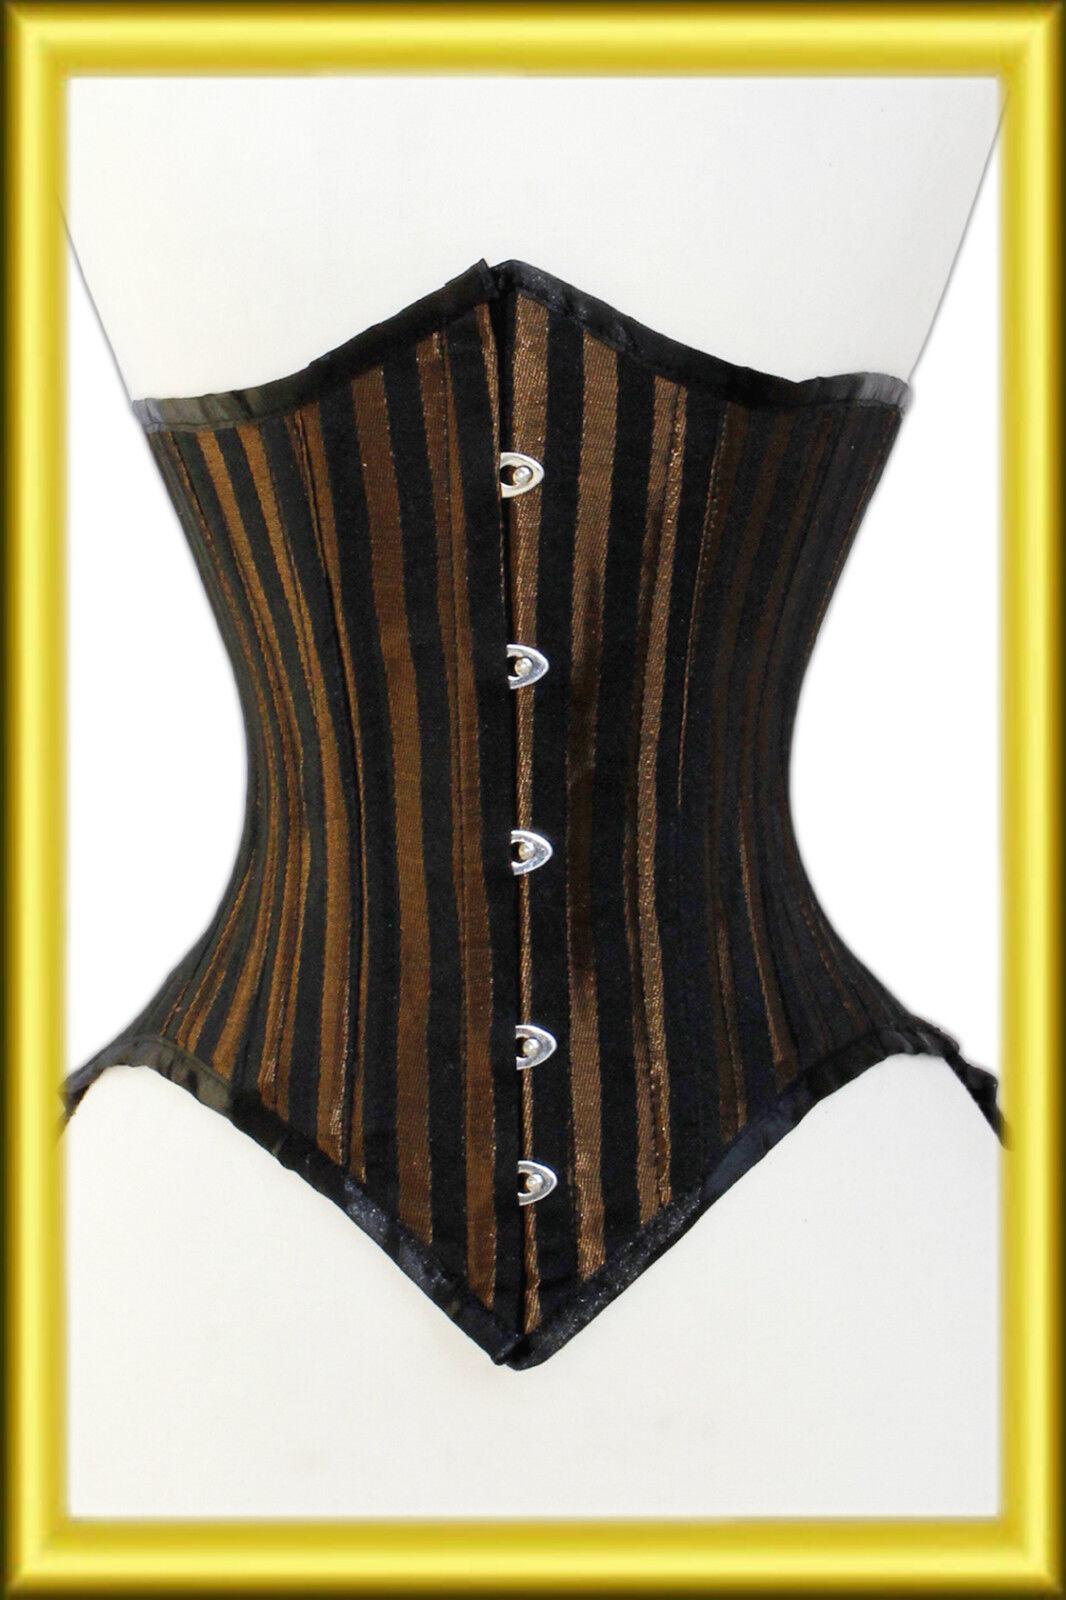 Bustino corsetto seno Broccato black  brown tg. 34,36,38,40, fino alla 56